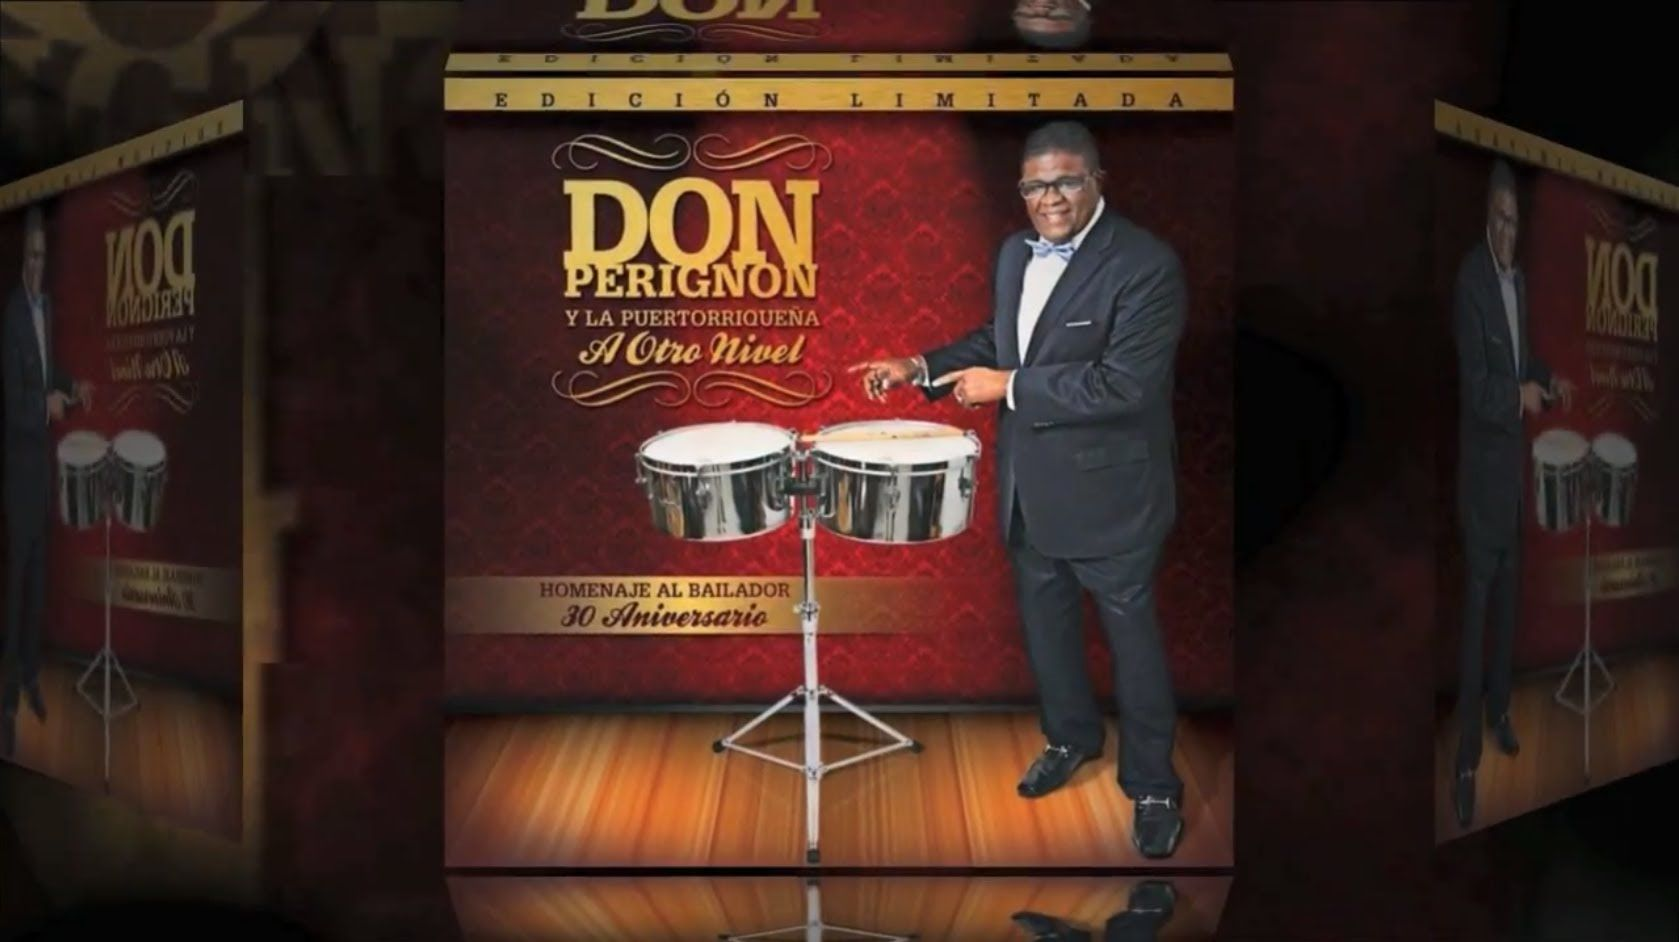 Don Perignon,La Puertorriqueña,WestGateLounge,Canta Josue Rosado Guarach...